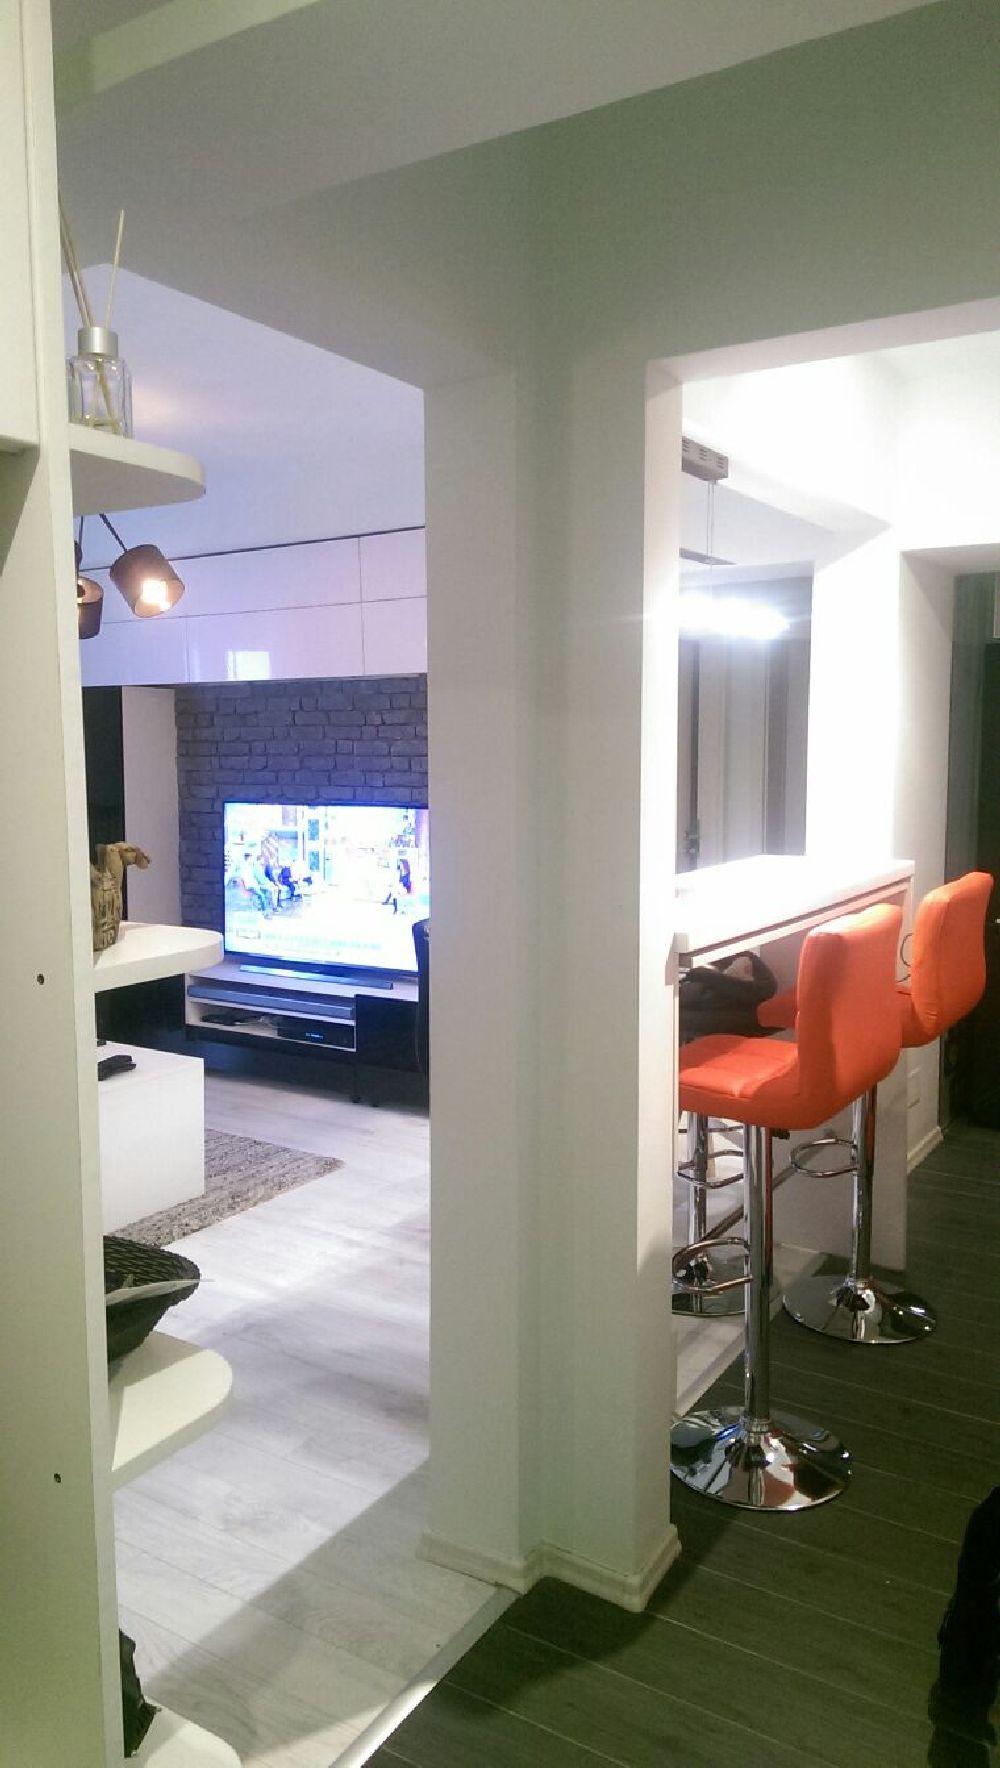 adelaparvu.com despre renovare apartament 2 camere Bucuresti, arh Andreea Besliu (22)